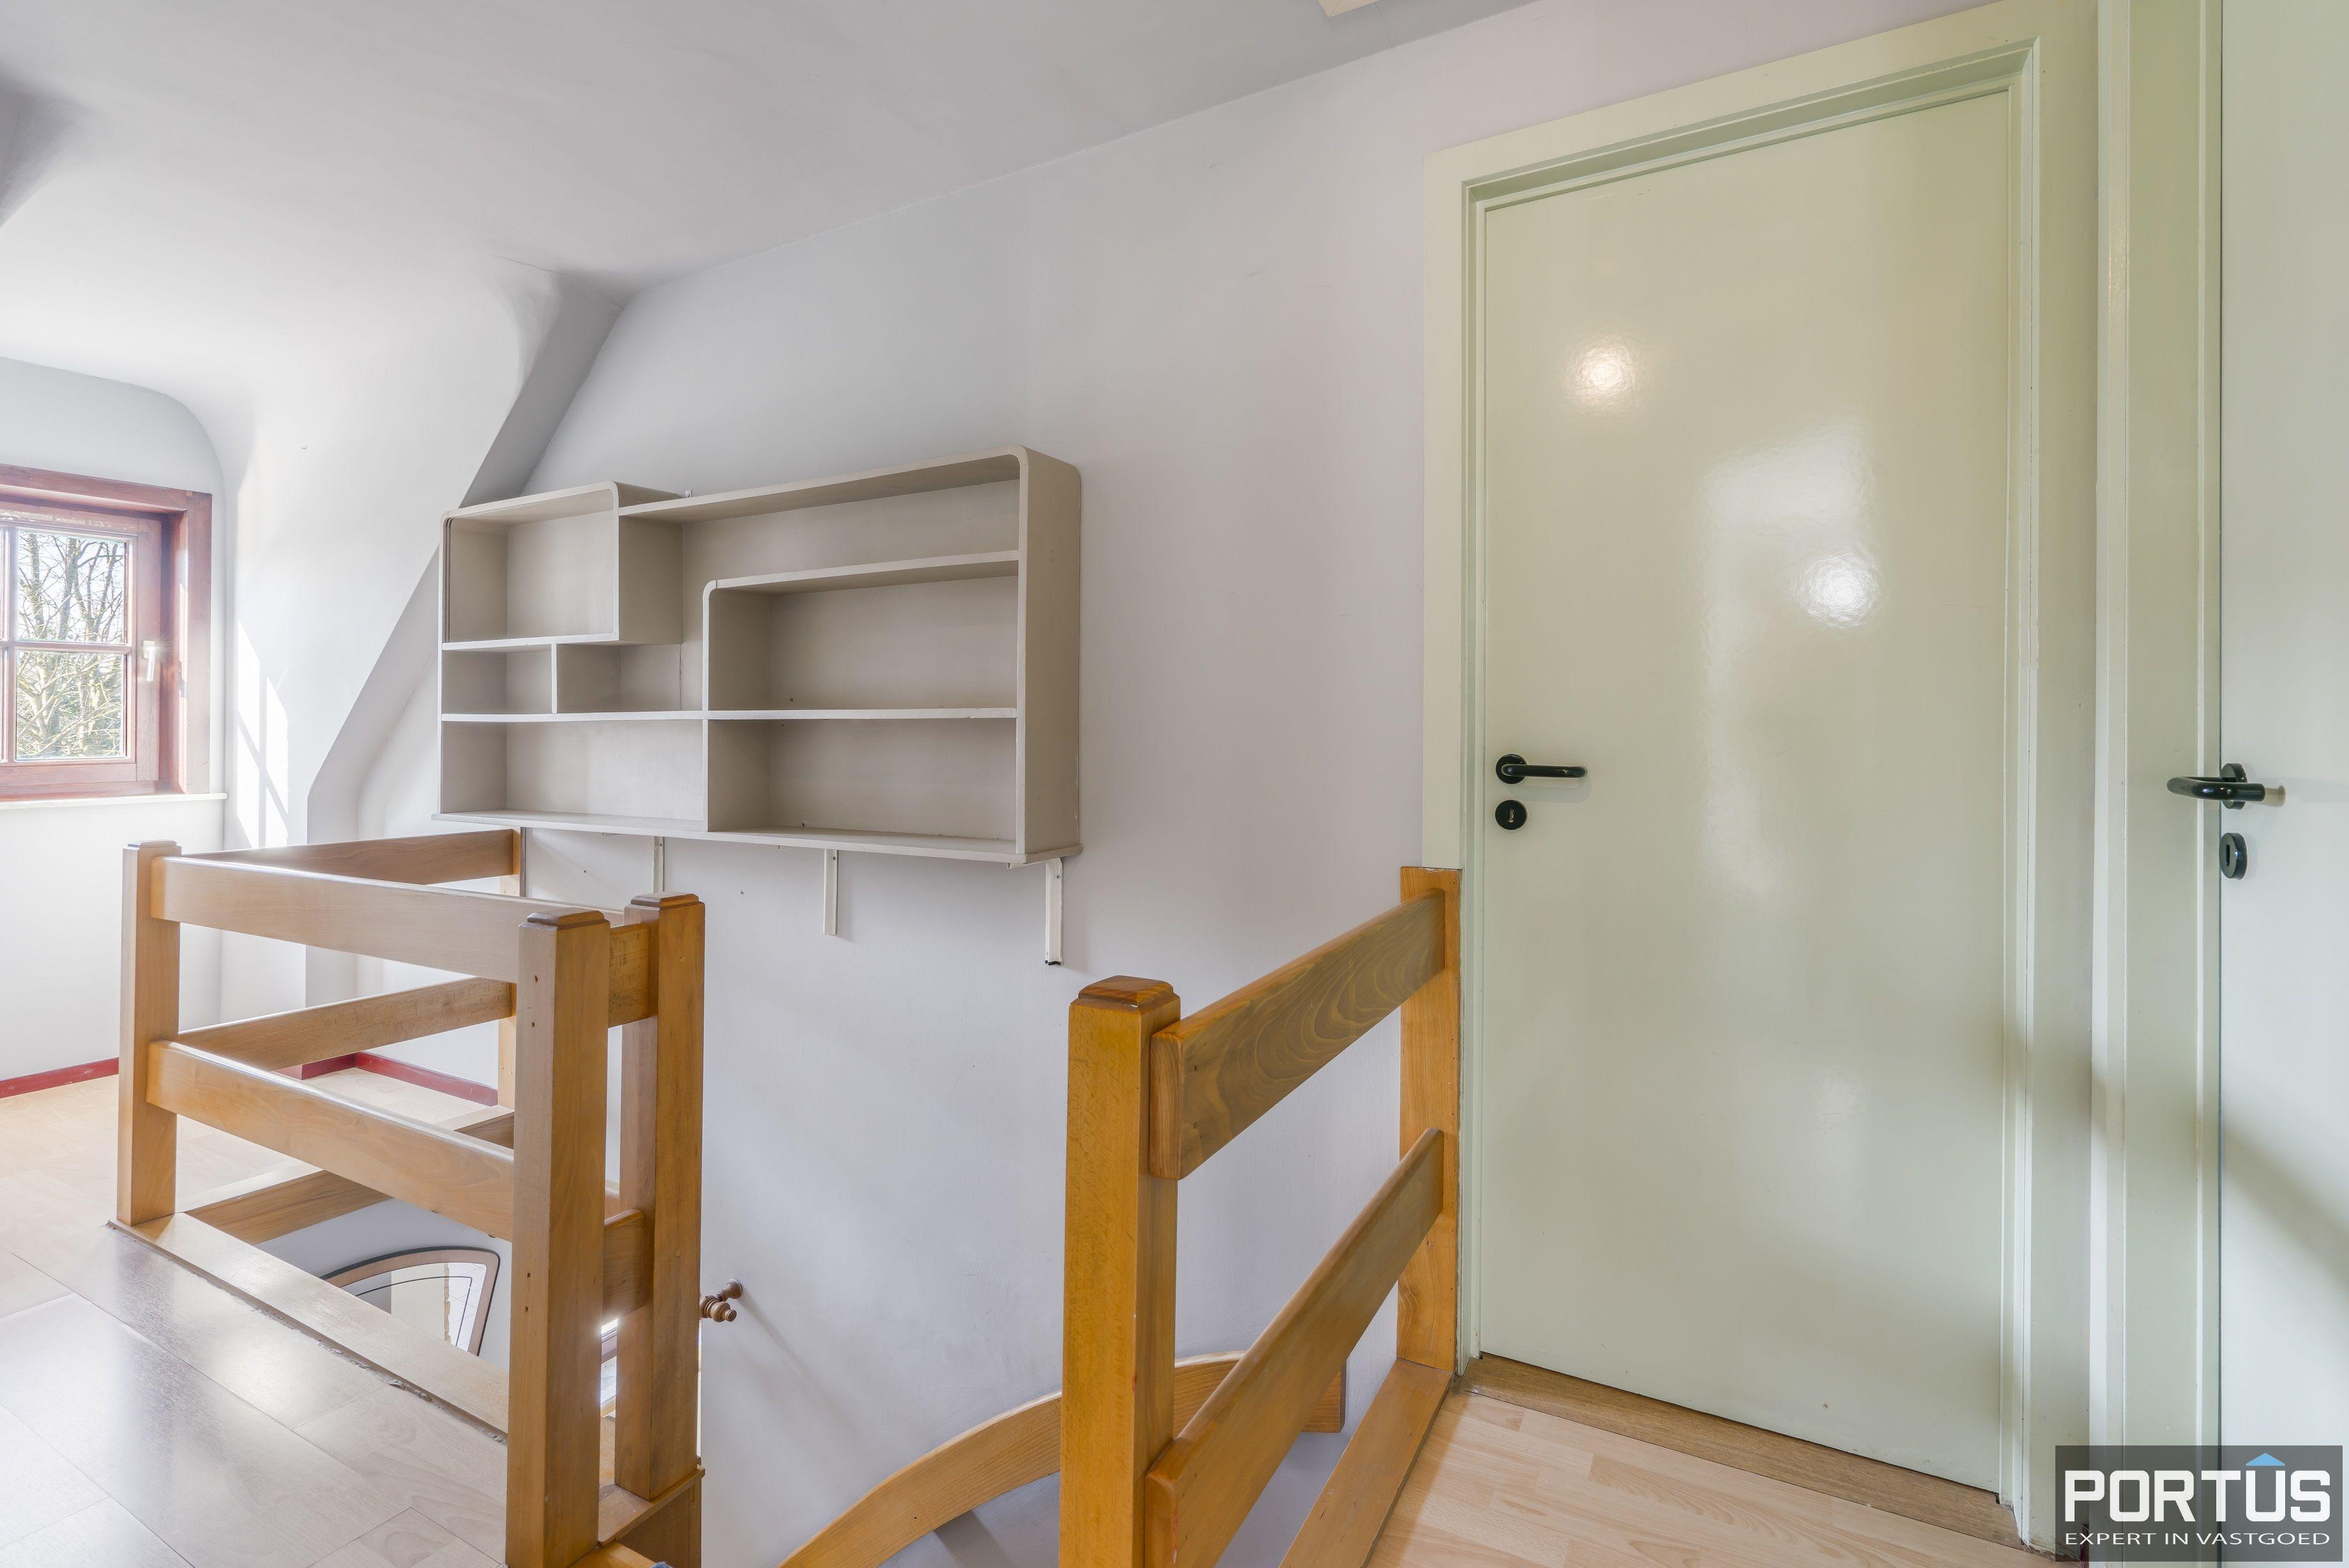 Villa te koop met 3 slaapkamers te Nieuwpoort - 14024